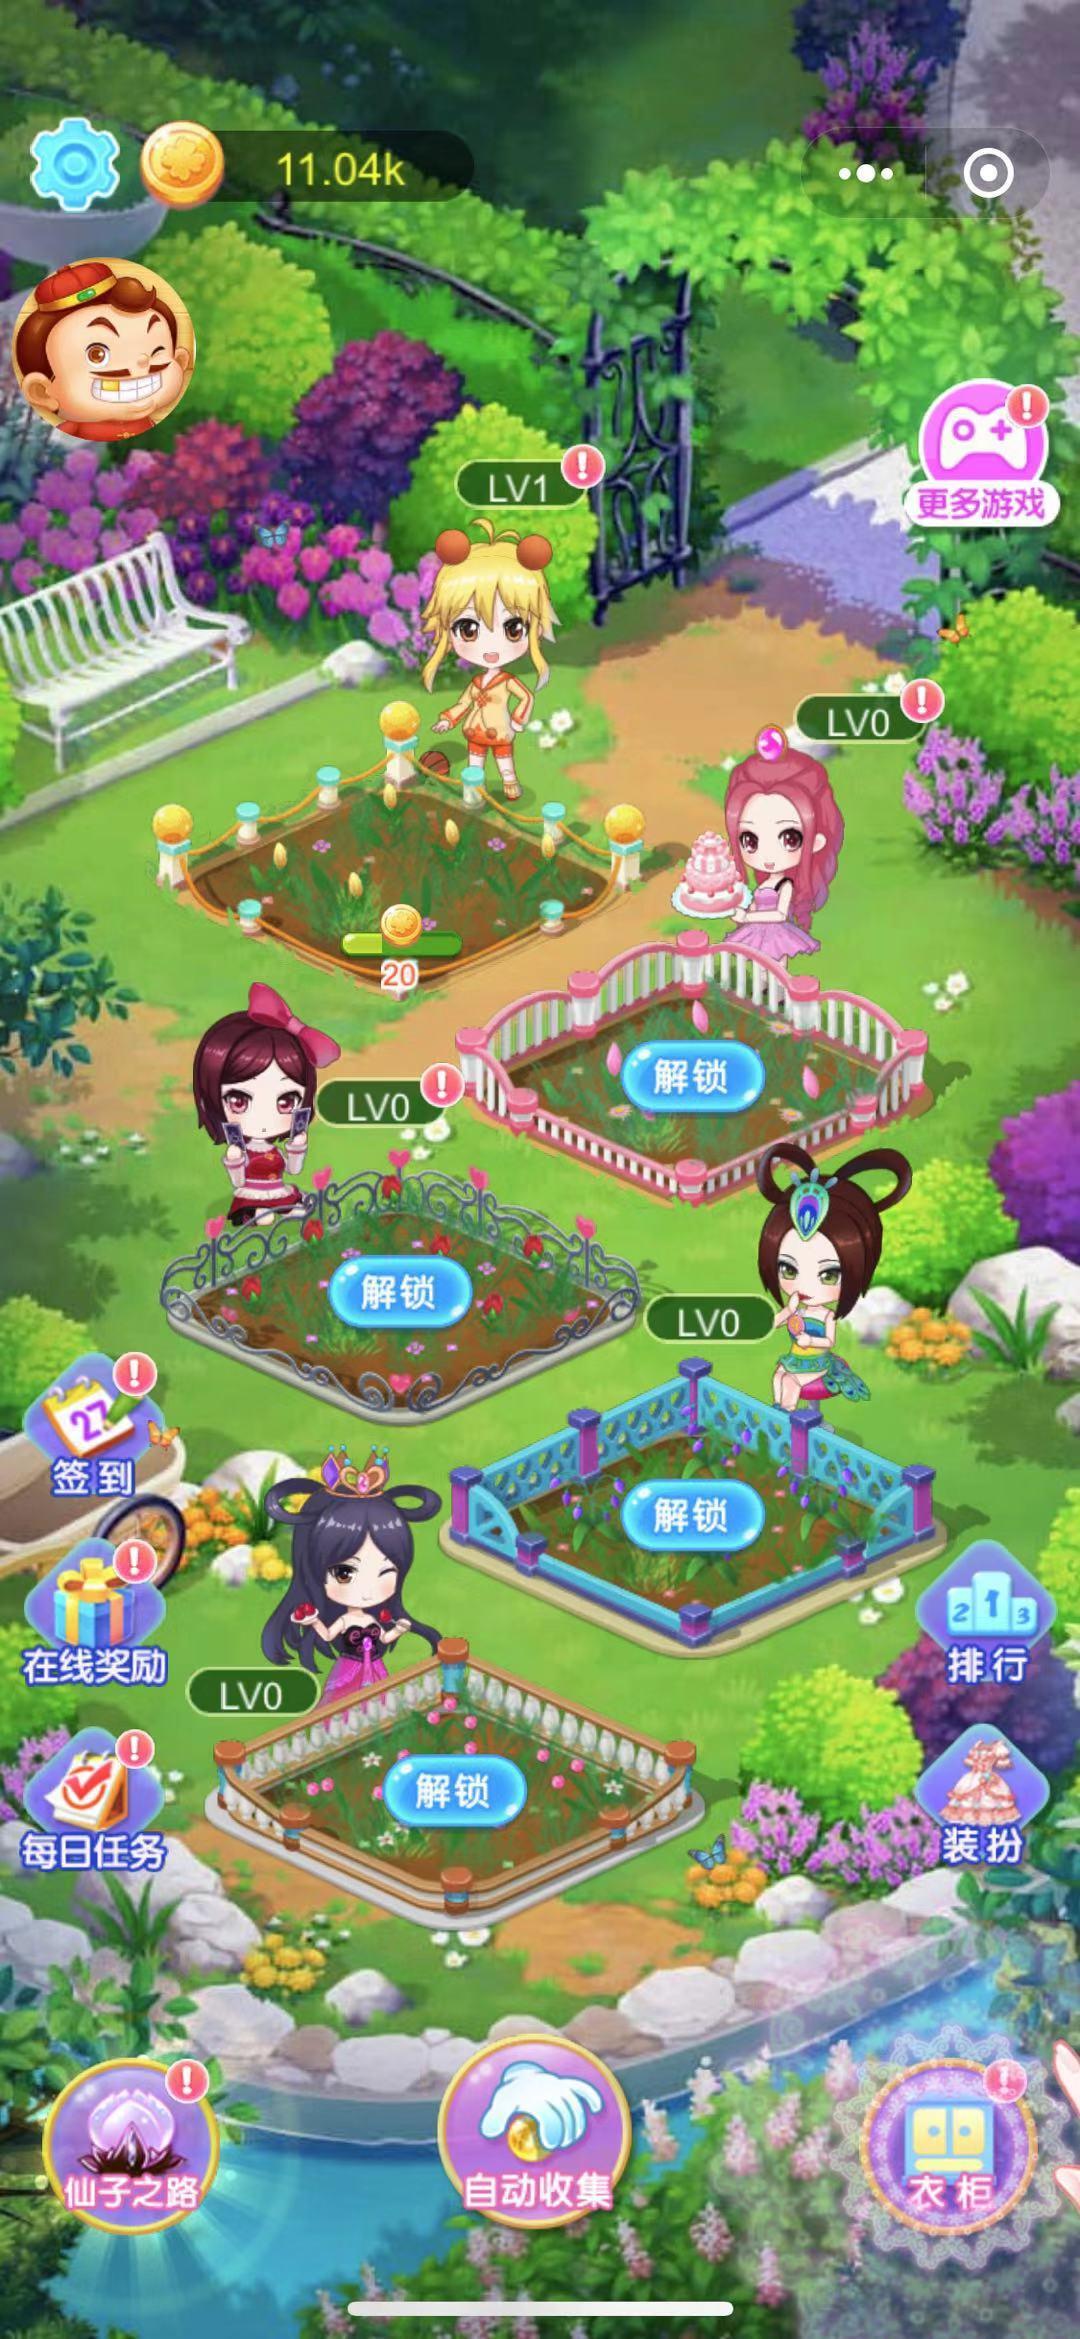 叶罗丽精灵世界游戏图3